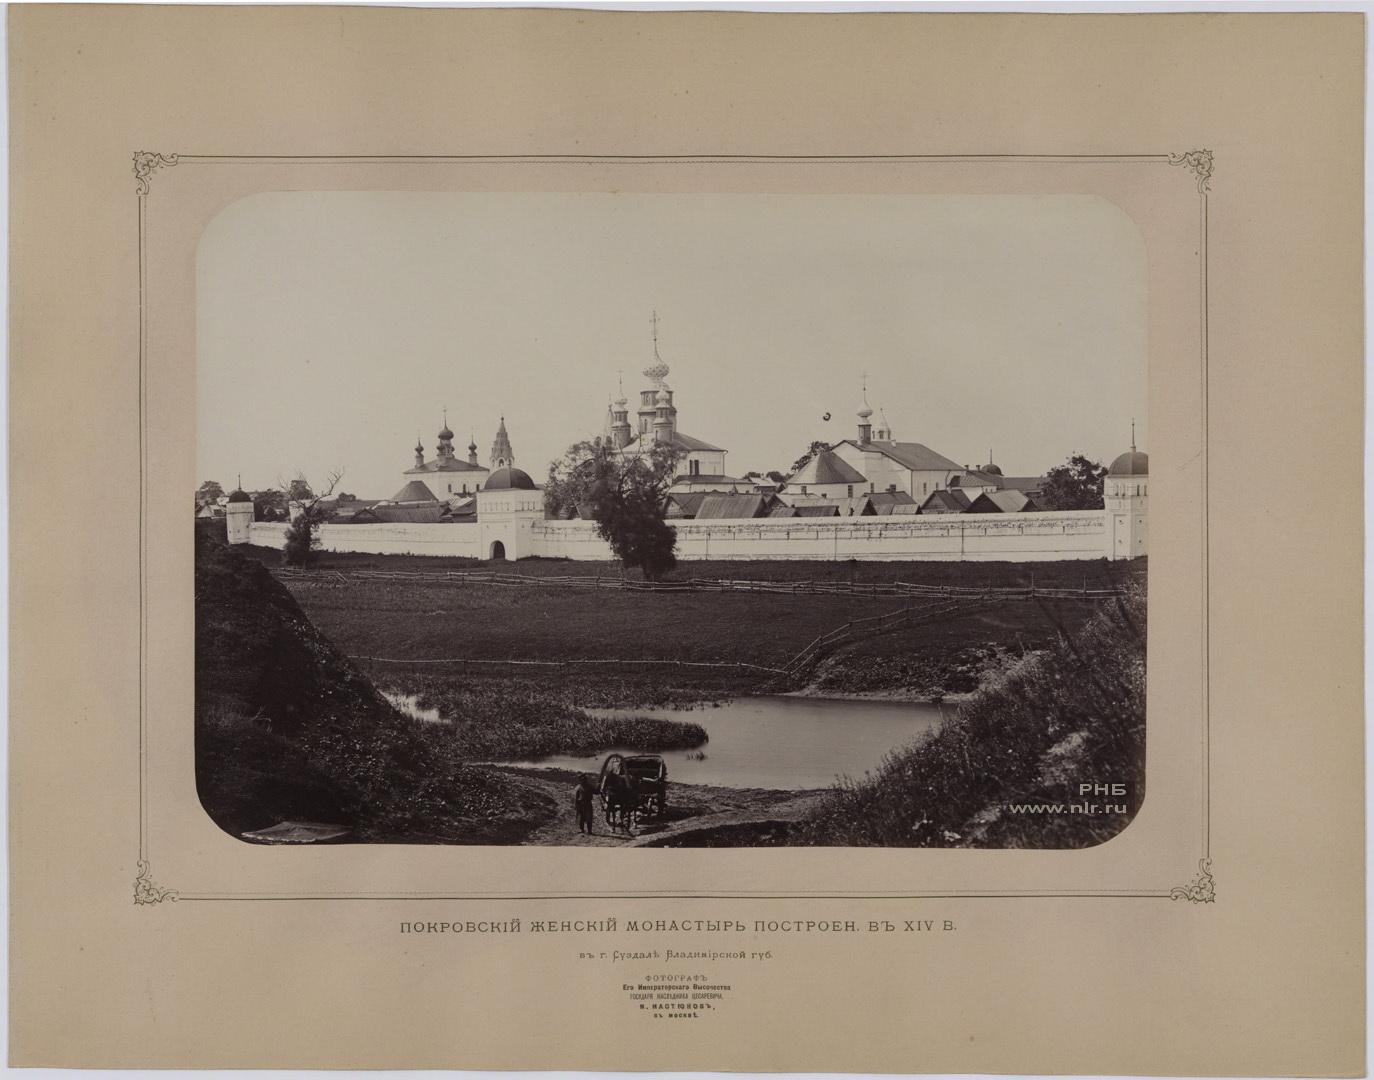 1873 Покровский женский монастырь Суздаль